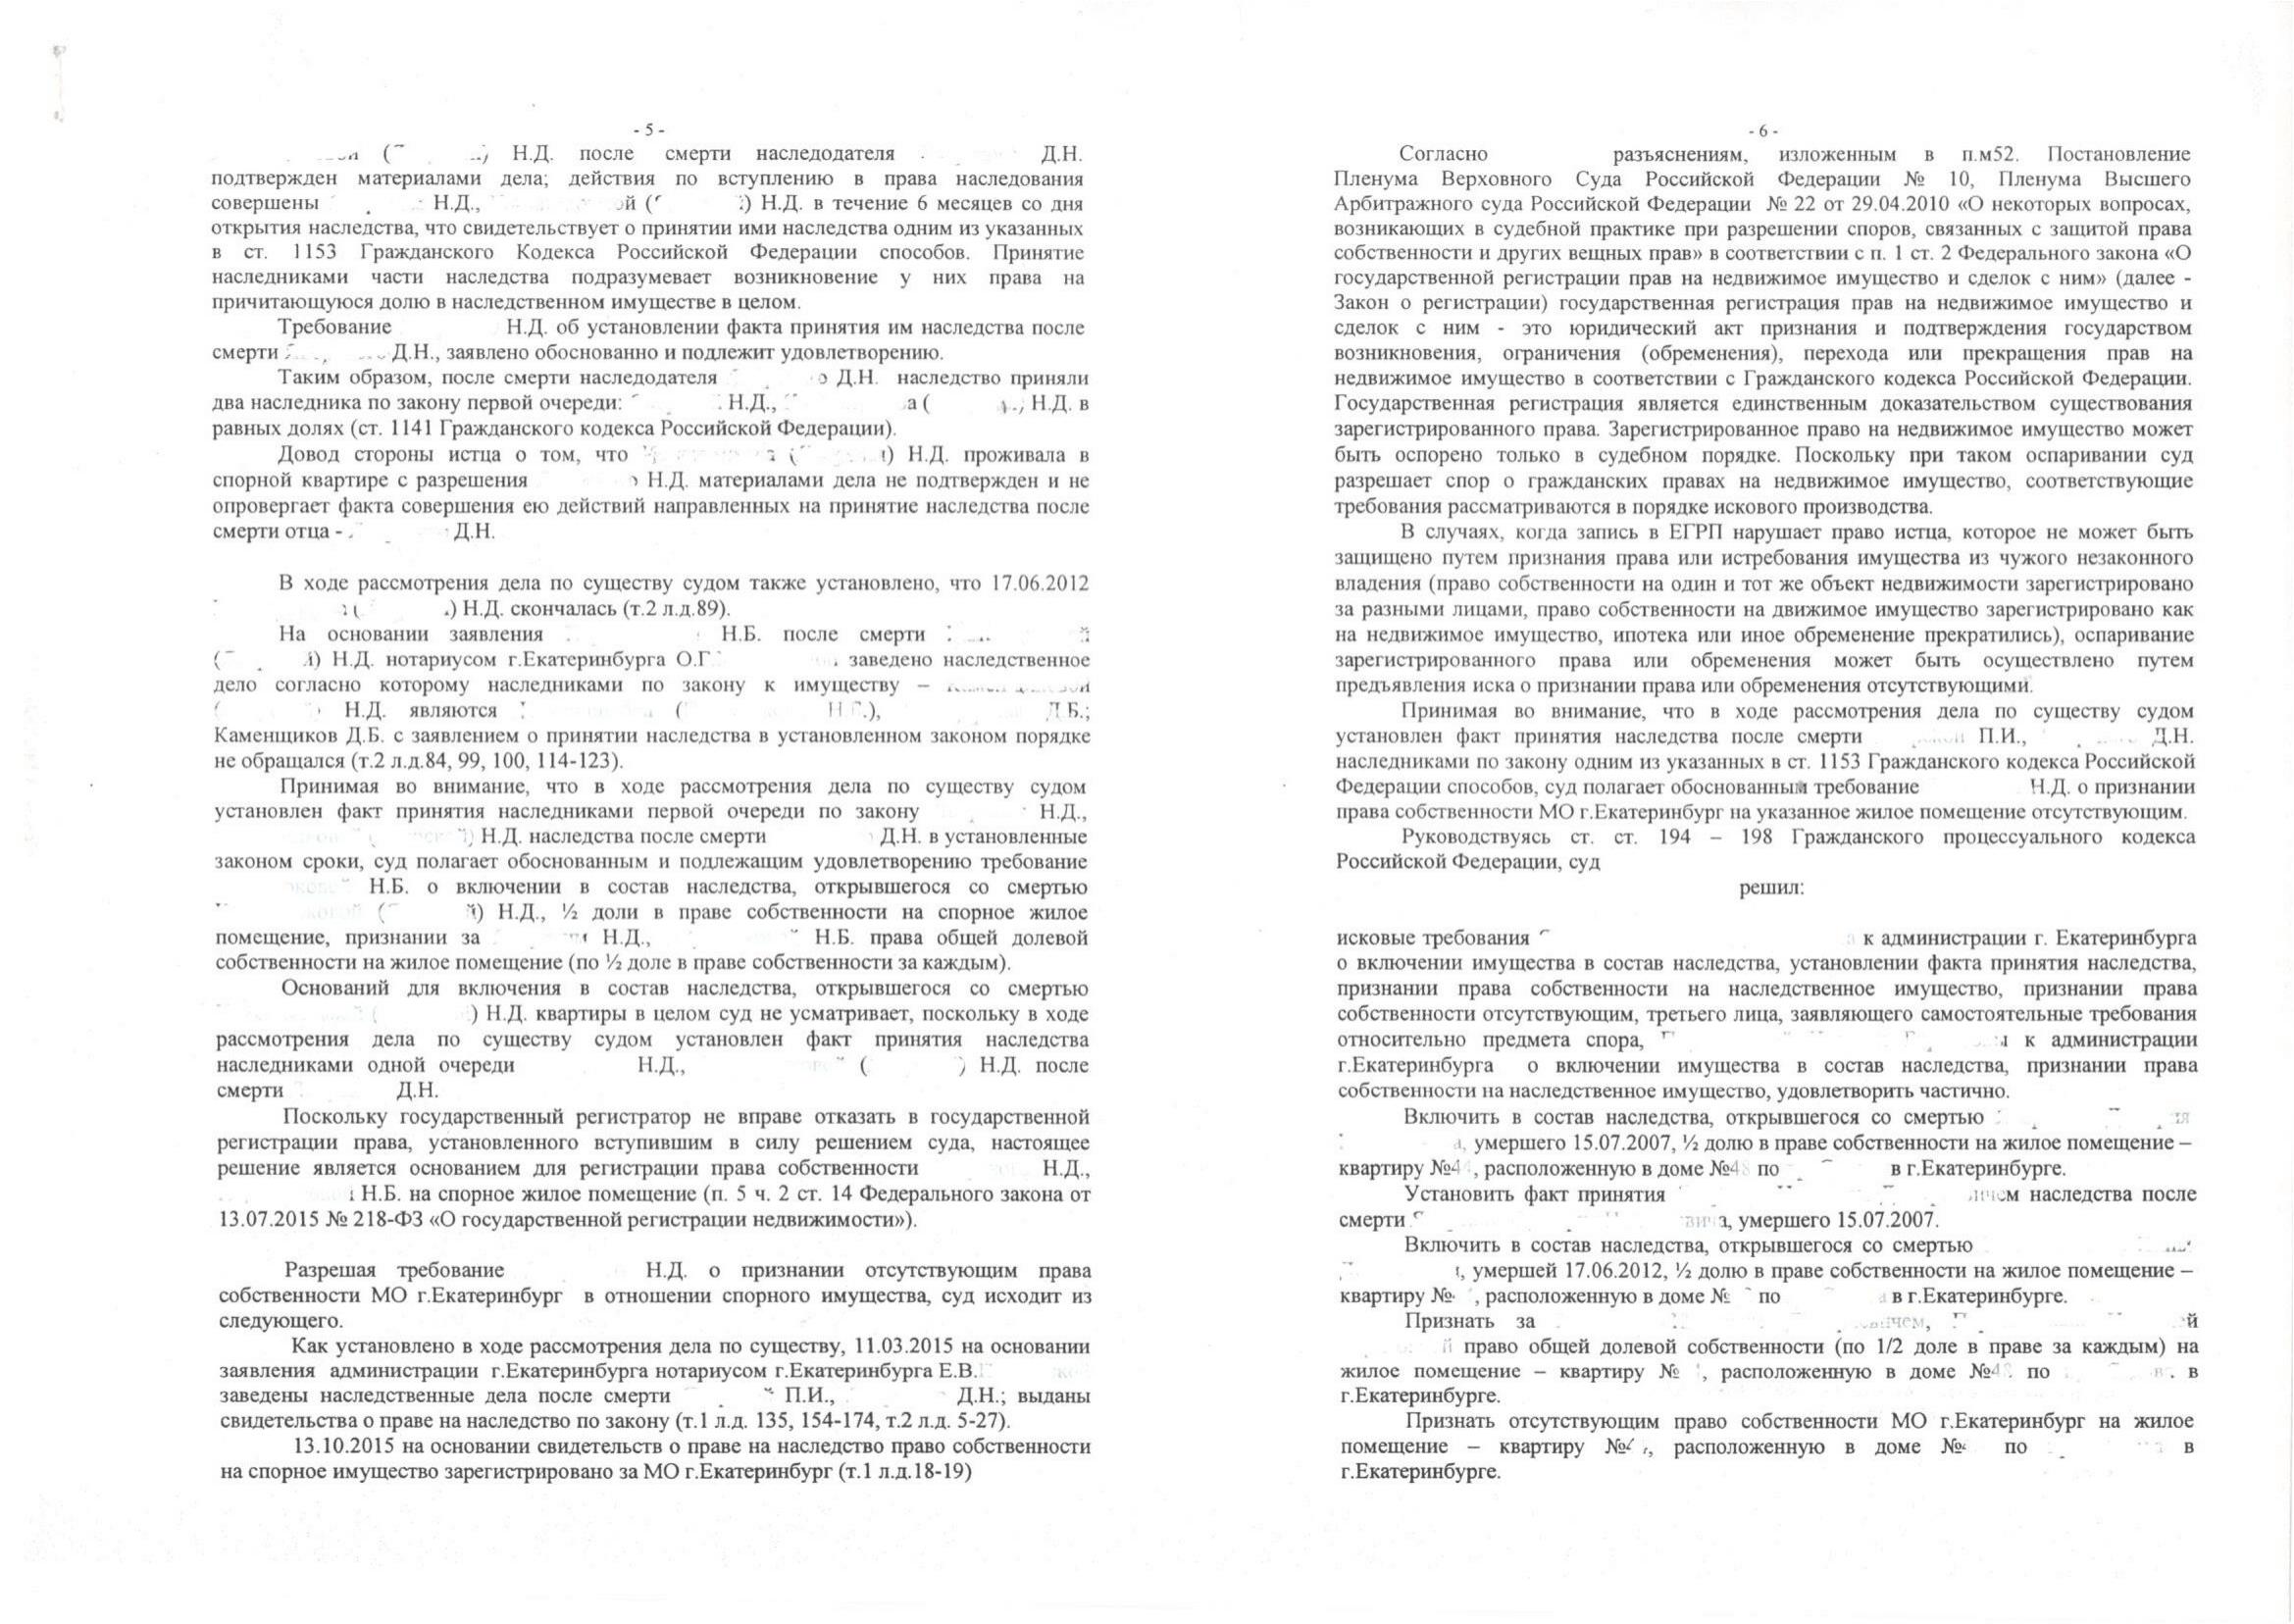 Признание факта принятия наследства или признание права собственности